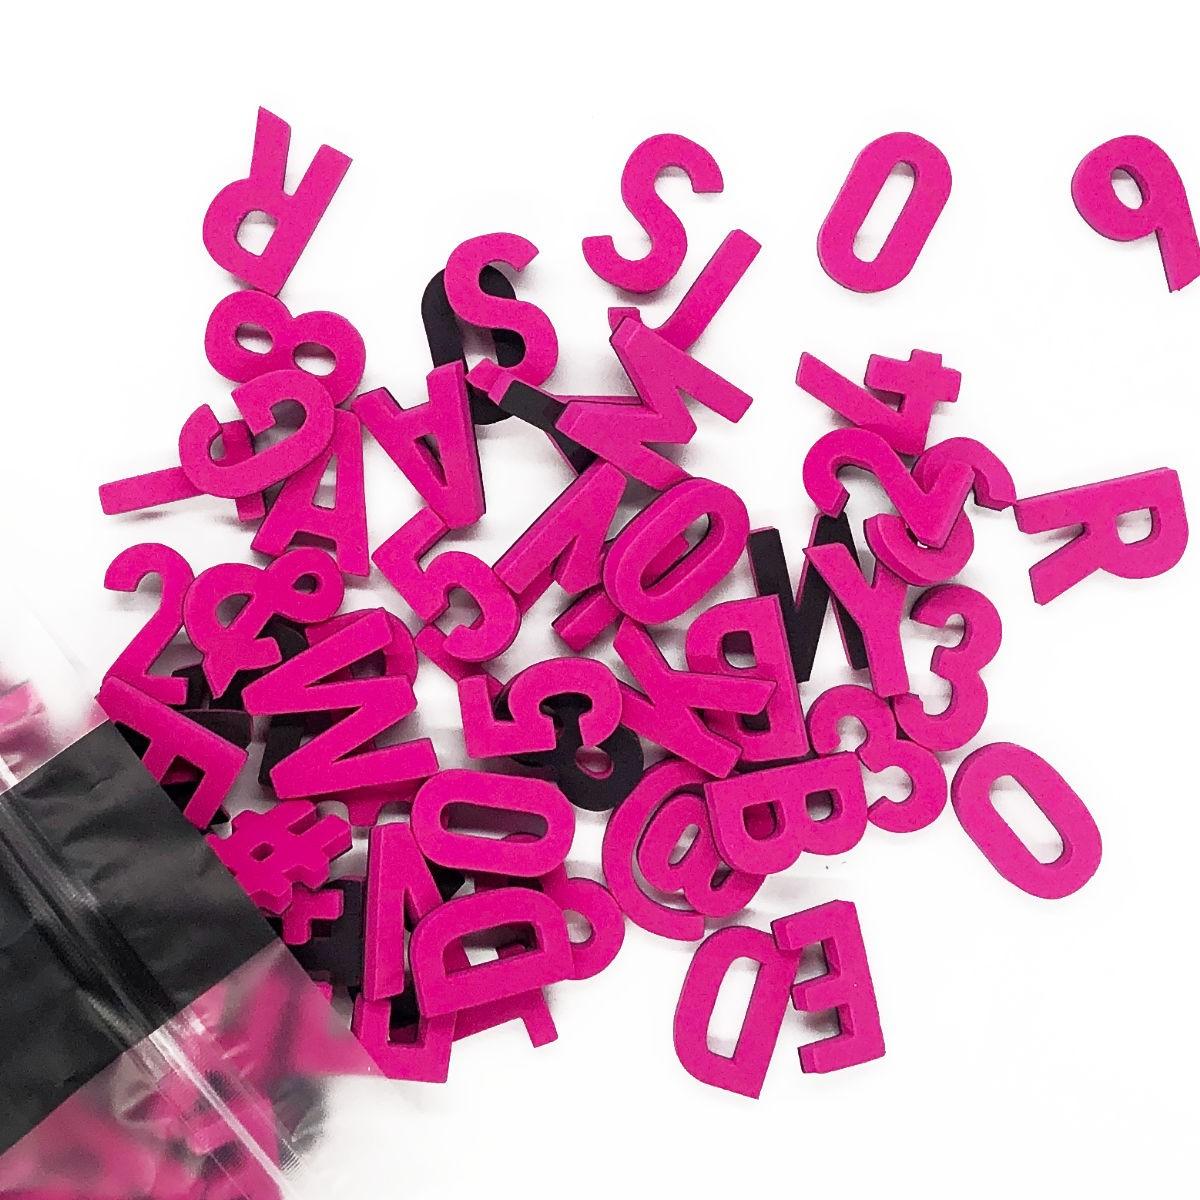 Set mit 200 Magnetbuchstaben, Zahlen & Sonderzeichen. PARTY PINK